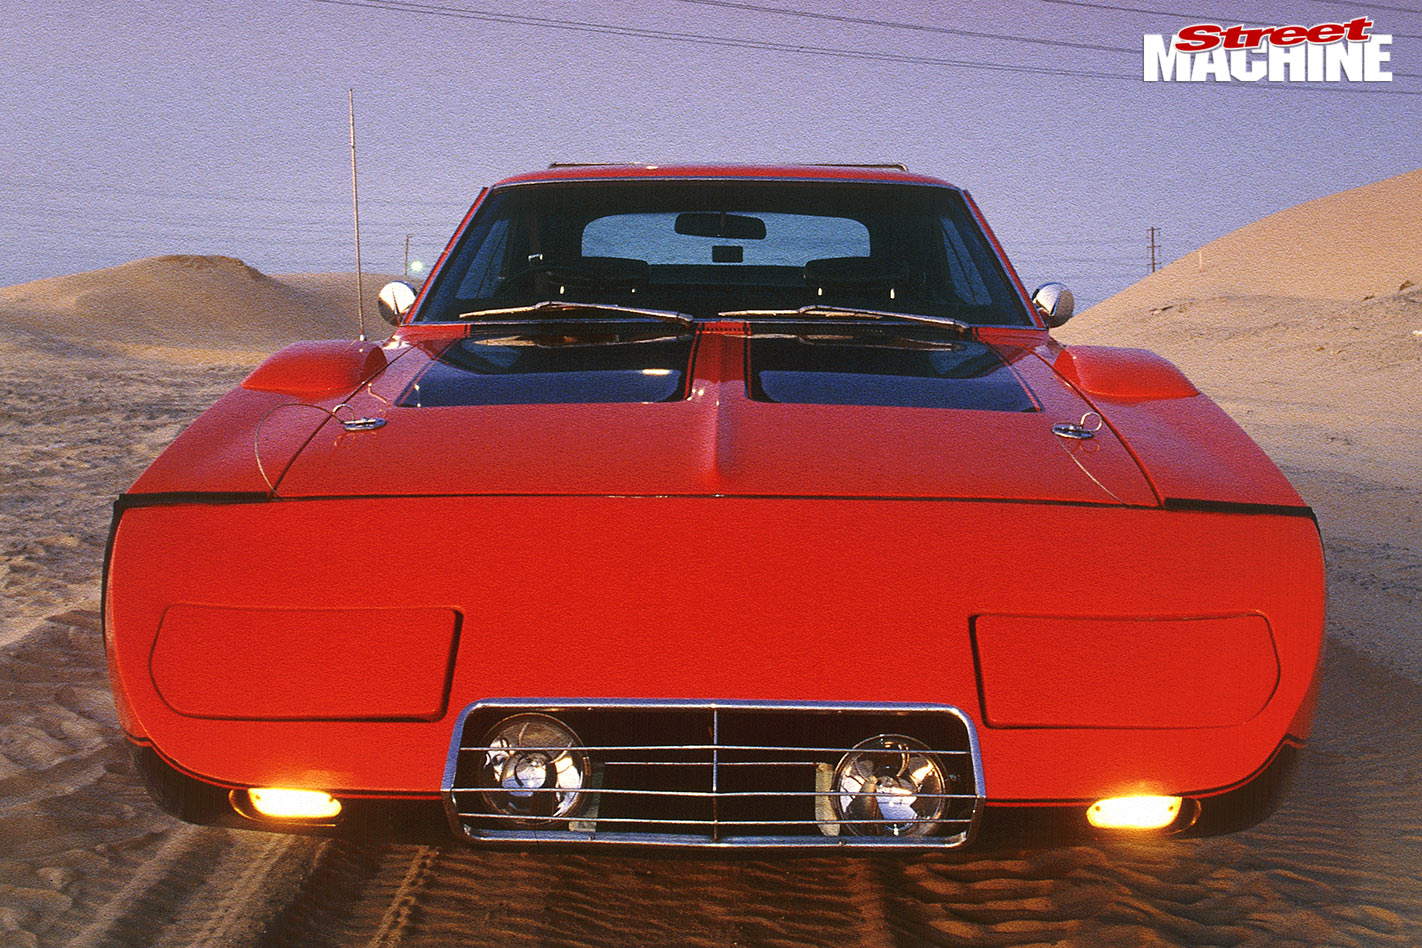 Dodge Charger Daytona street freak, photo 02.